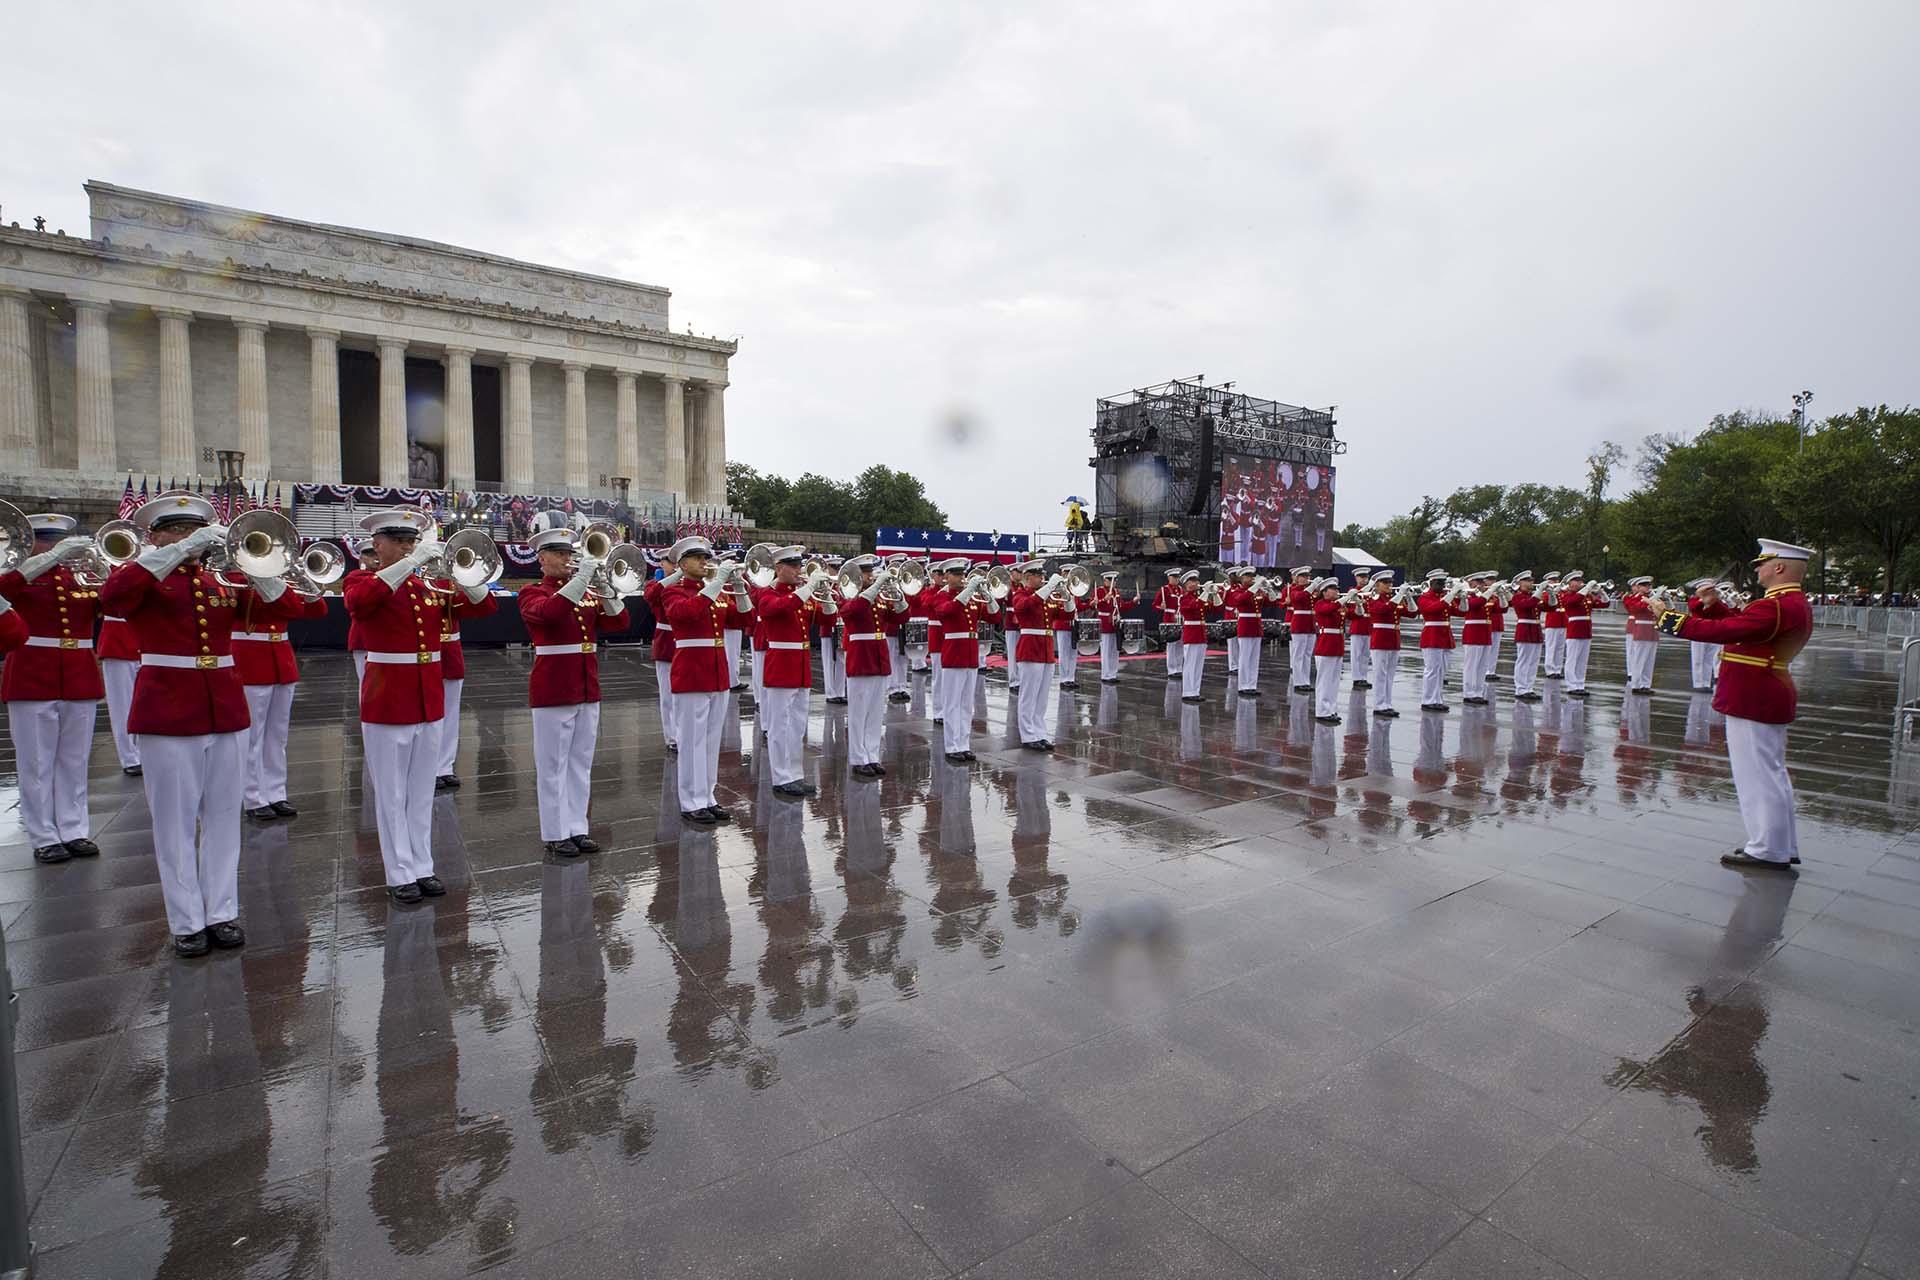 El cuerpo moderno de tambores y cornetas de la Marina de EEUU actuó bajo la lluvia antes del discurso de Trump